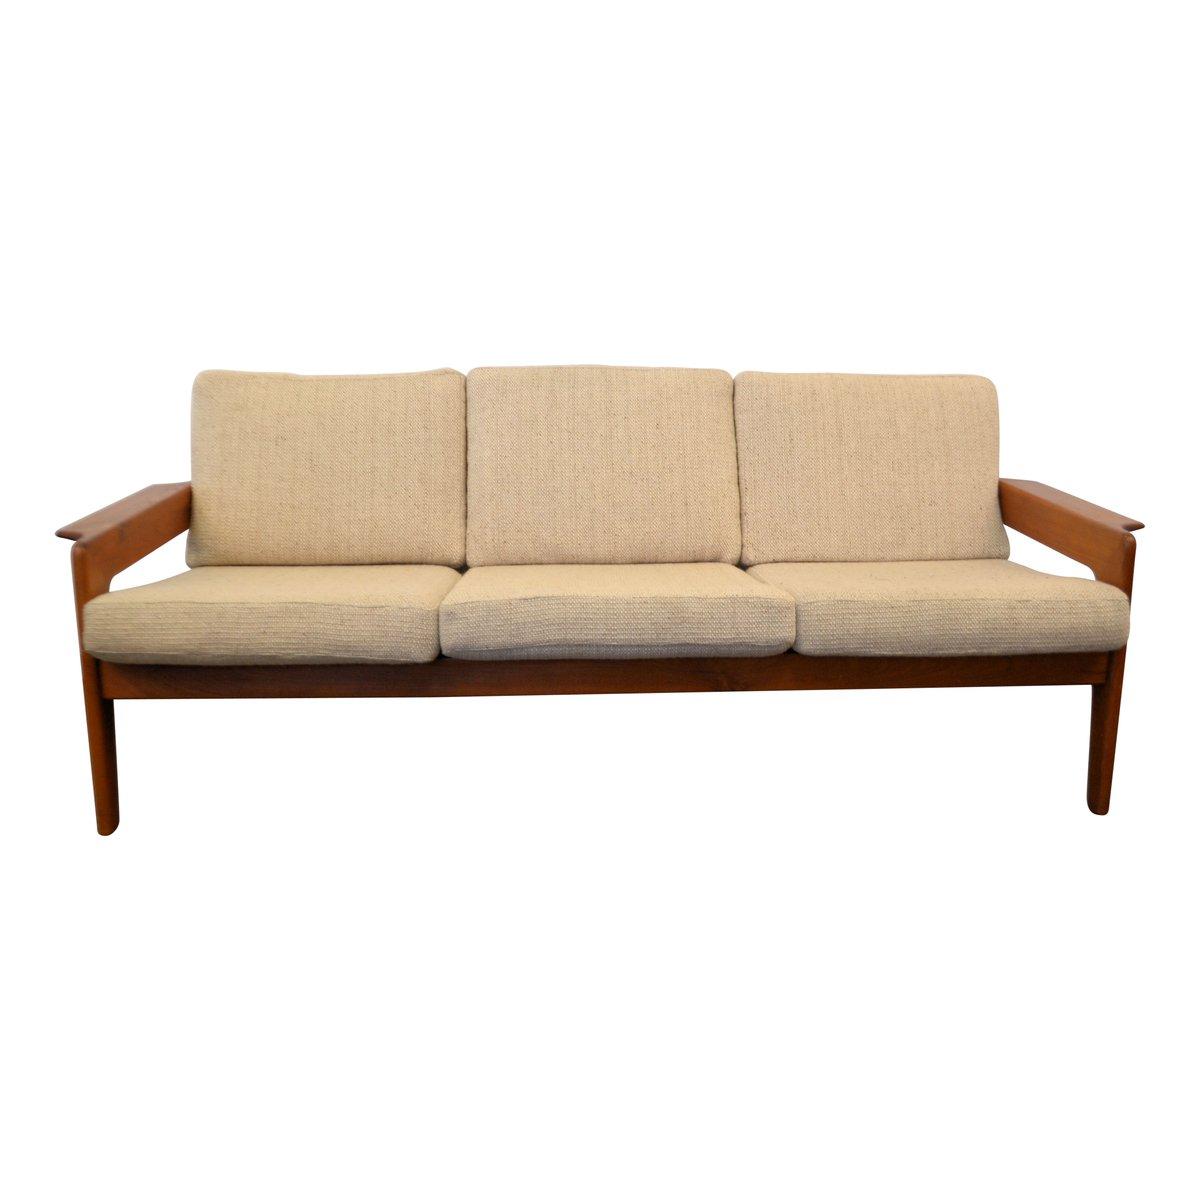 d nisches vintage sofa mit teakholzrahmen von arne wahl iversen f r komfort bei pamono kaufen. Black Bedroom Furniture Sets. Home Design Ideas